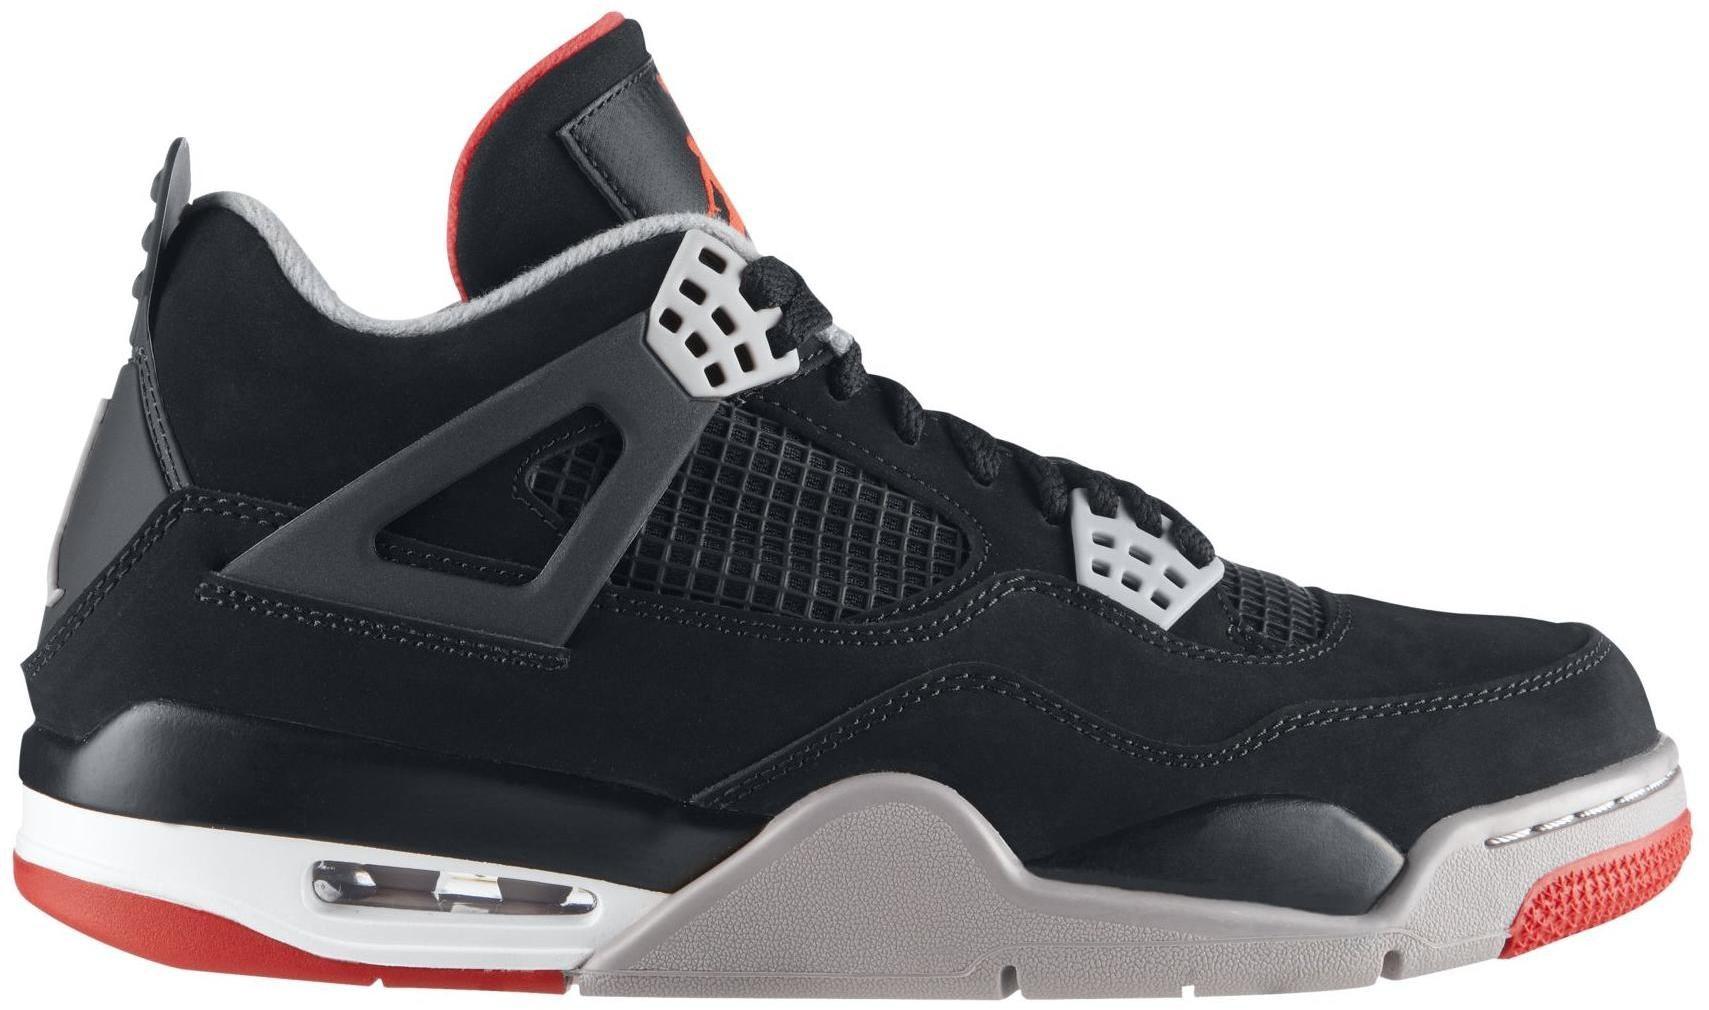 Jordan 4 Retro Black Cement (2012)